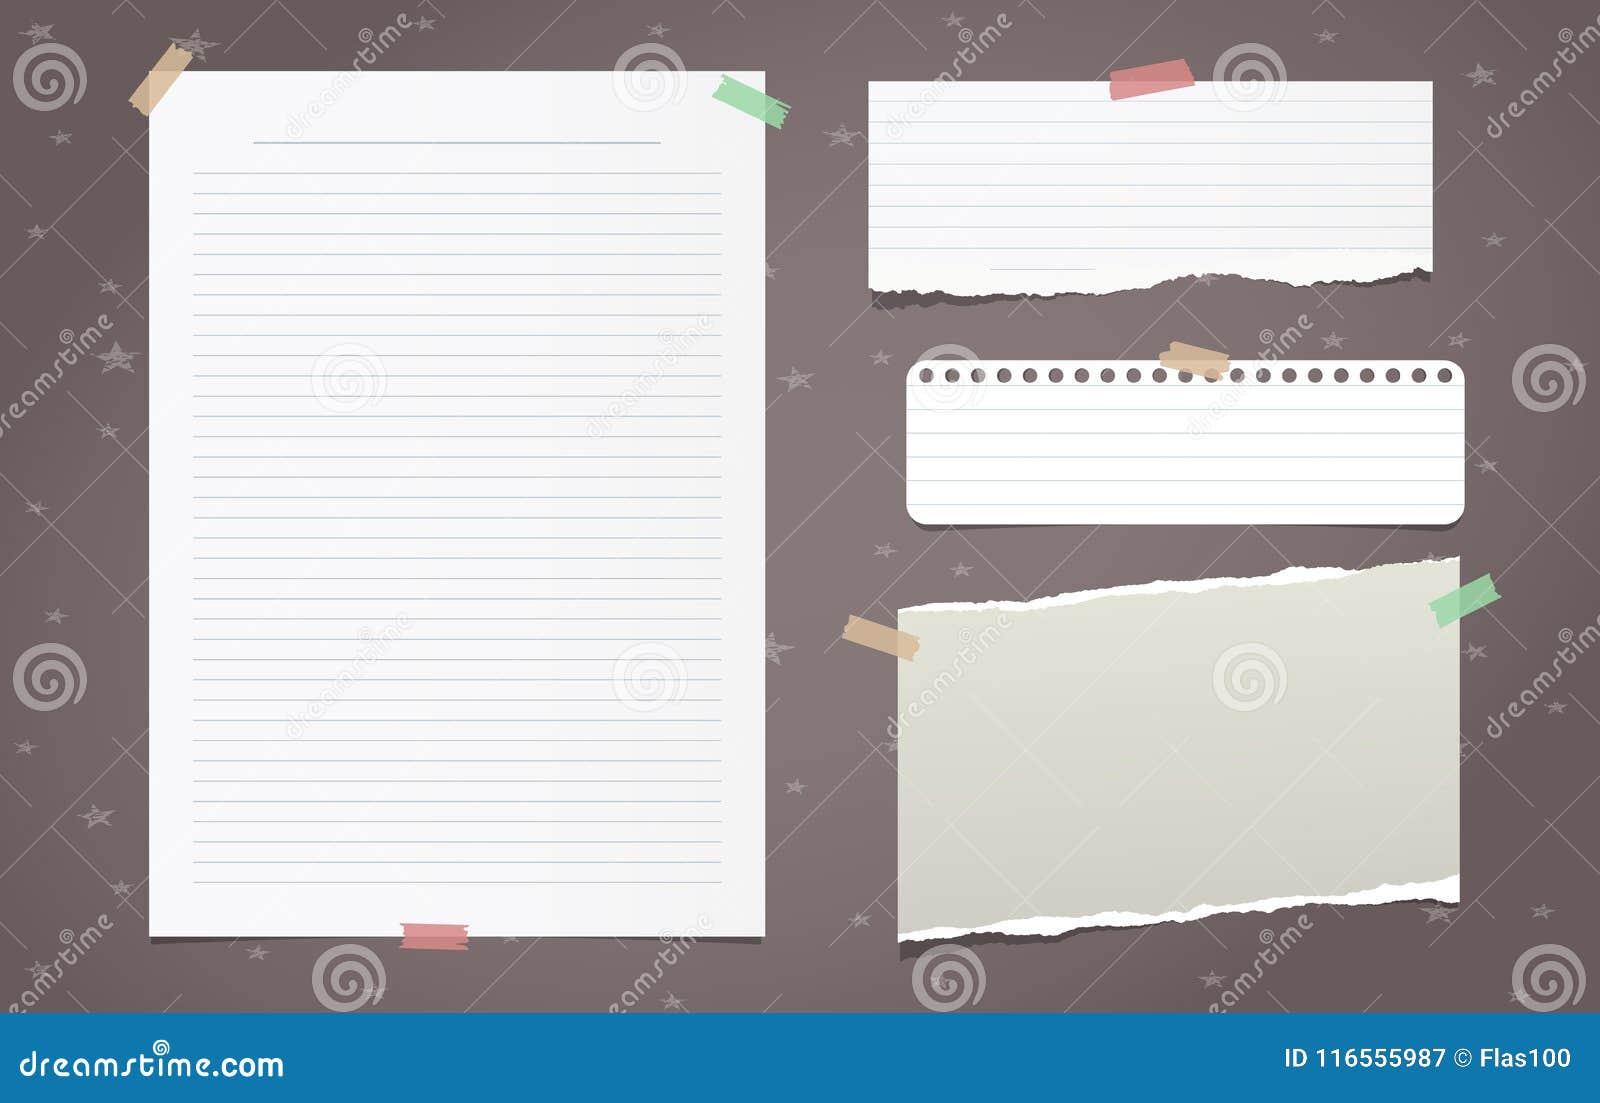 O branco rasgado alinhou as partes do papel de nota, folha do caderno para o texto colado no fundo marrom Ilustração do vetor